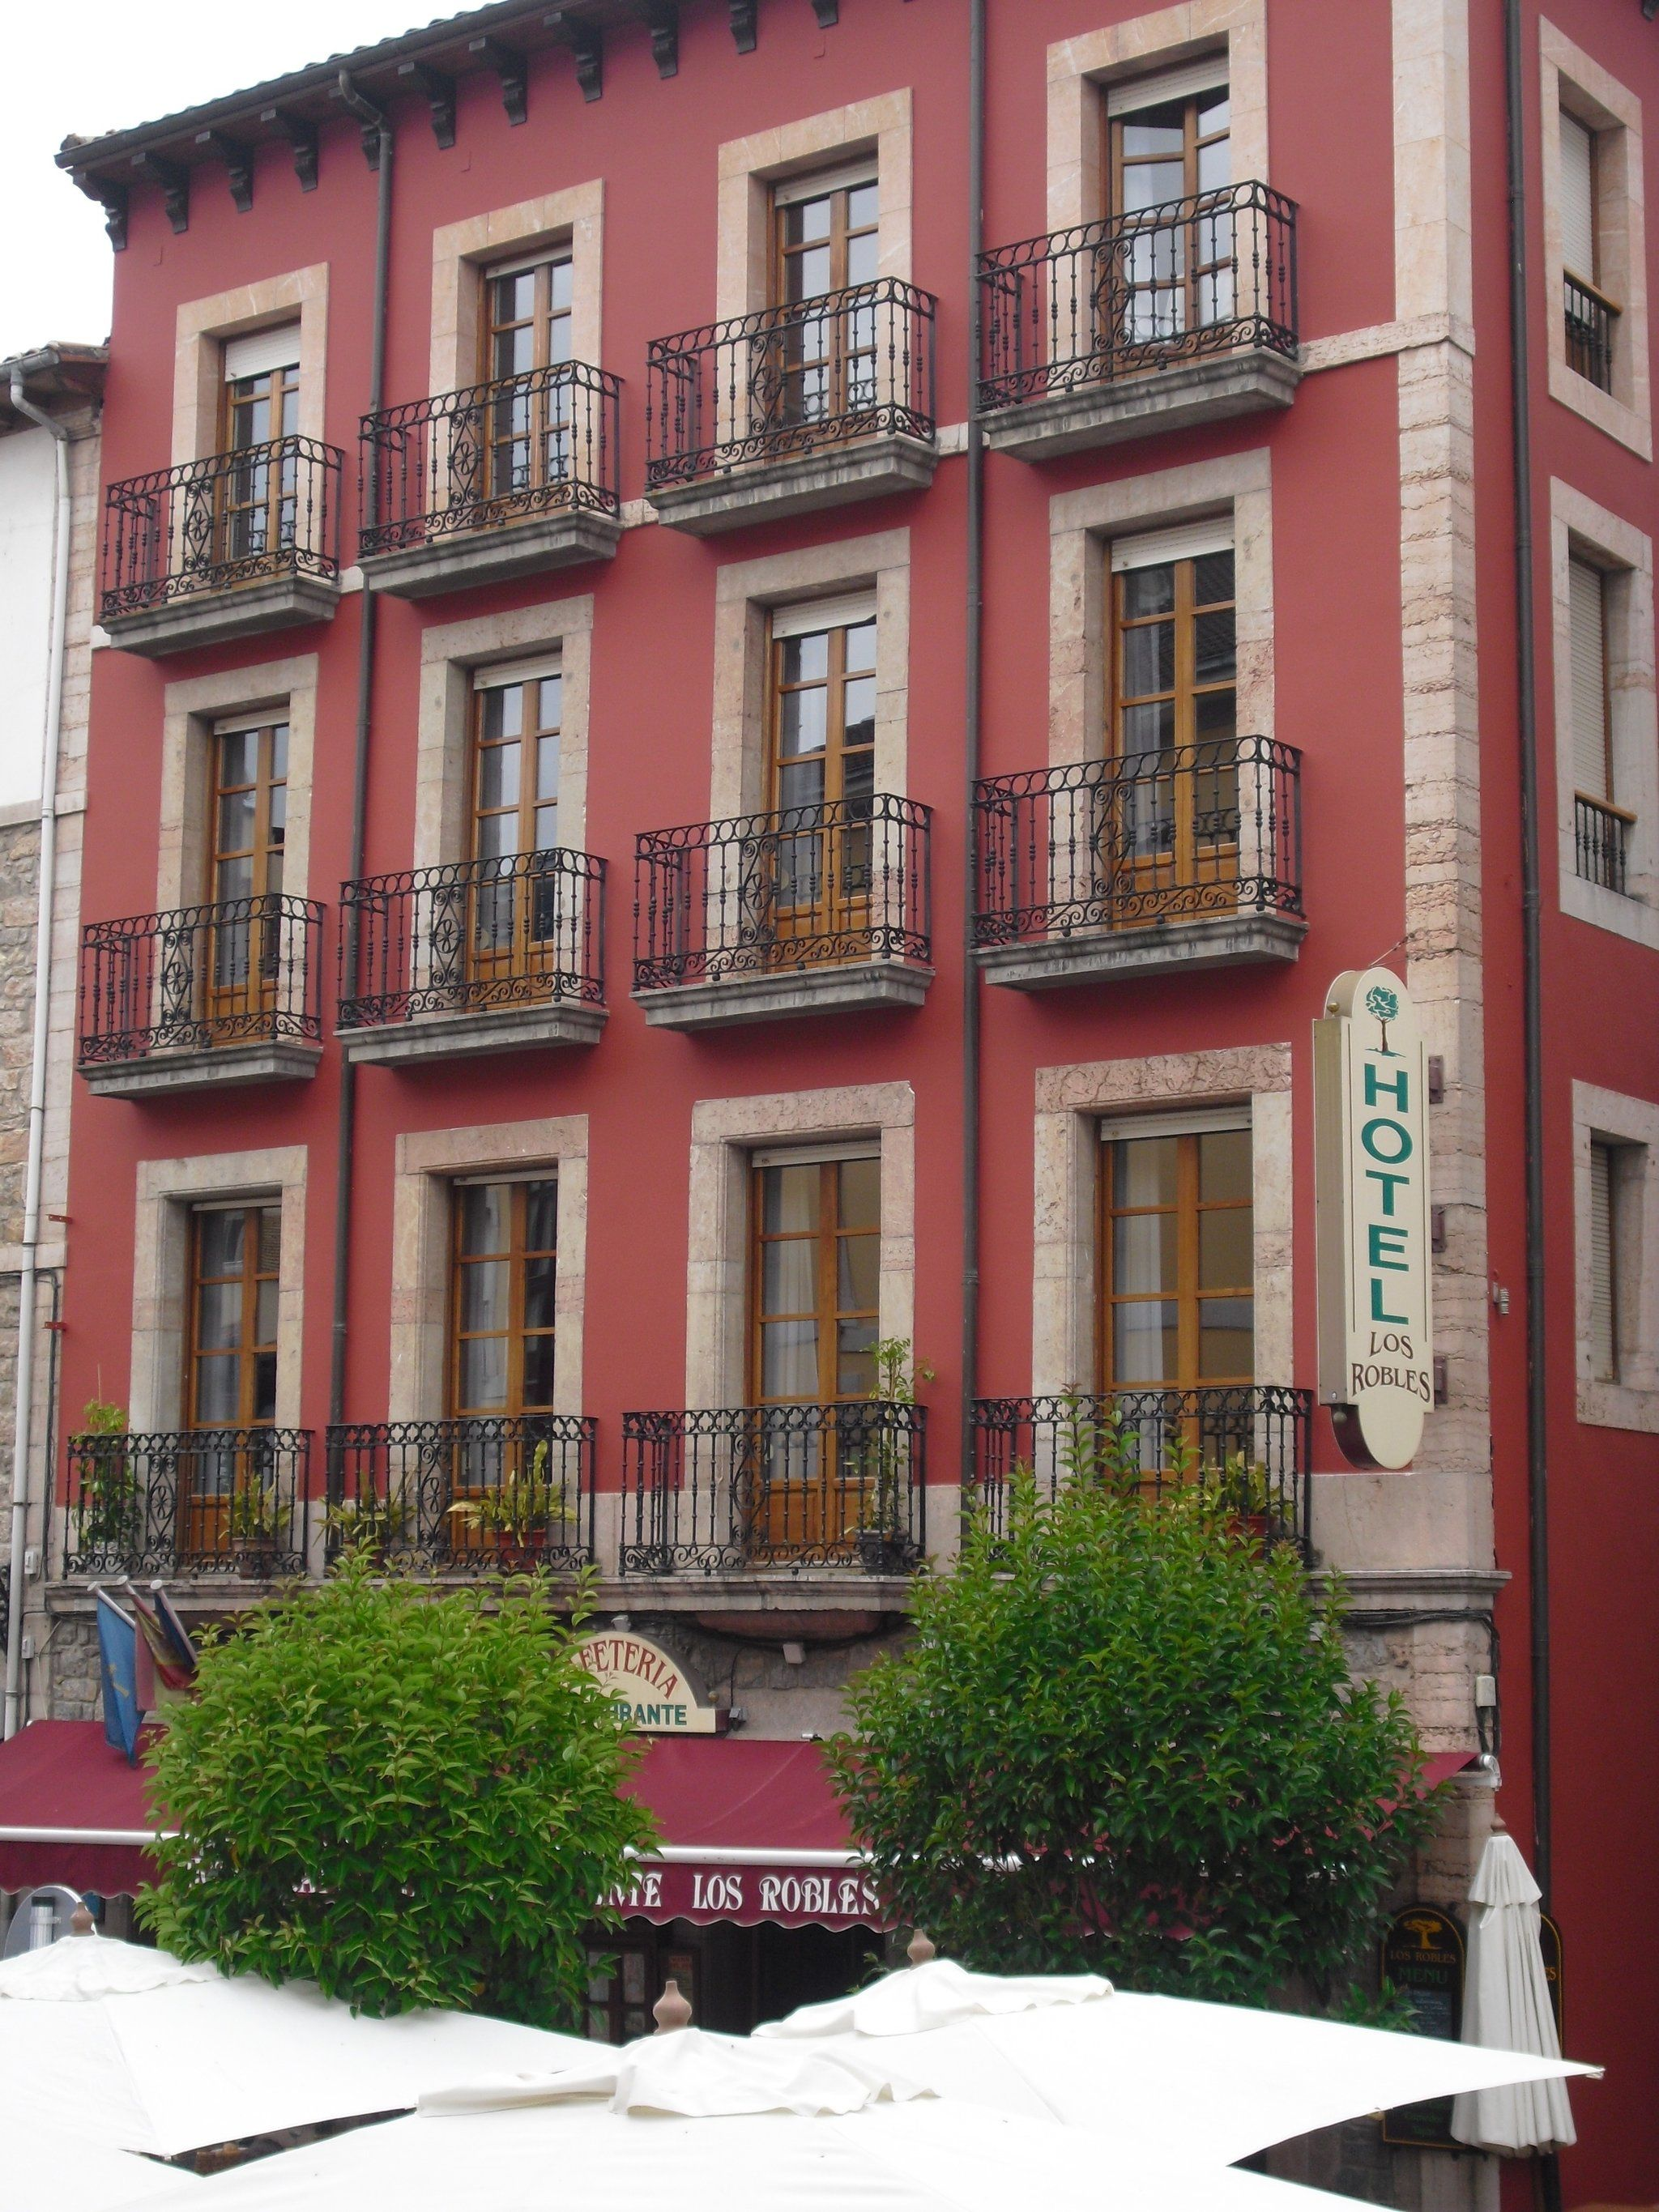 罗斯罗布雷斯酒店